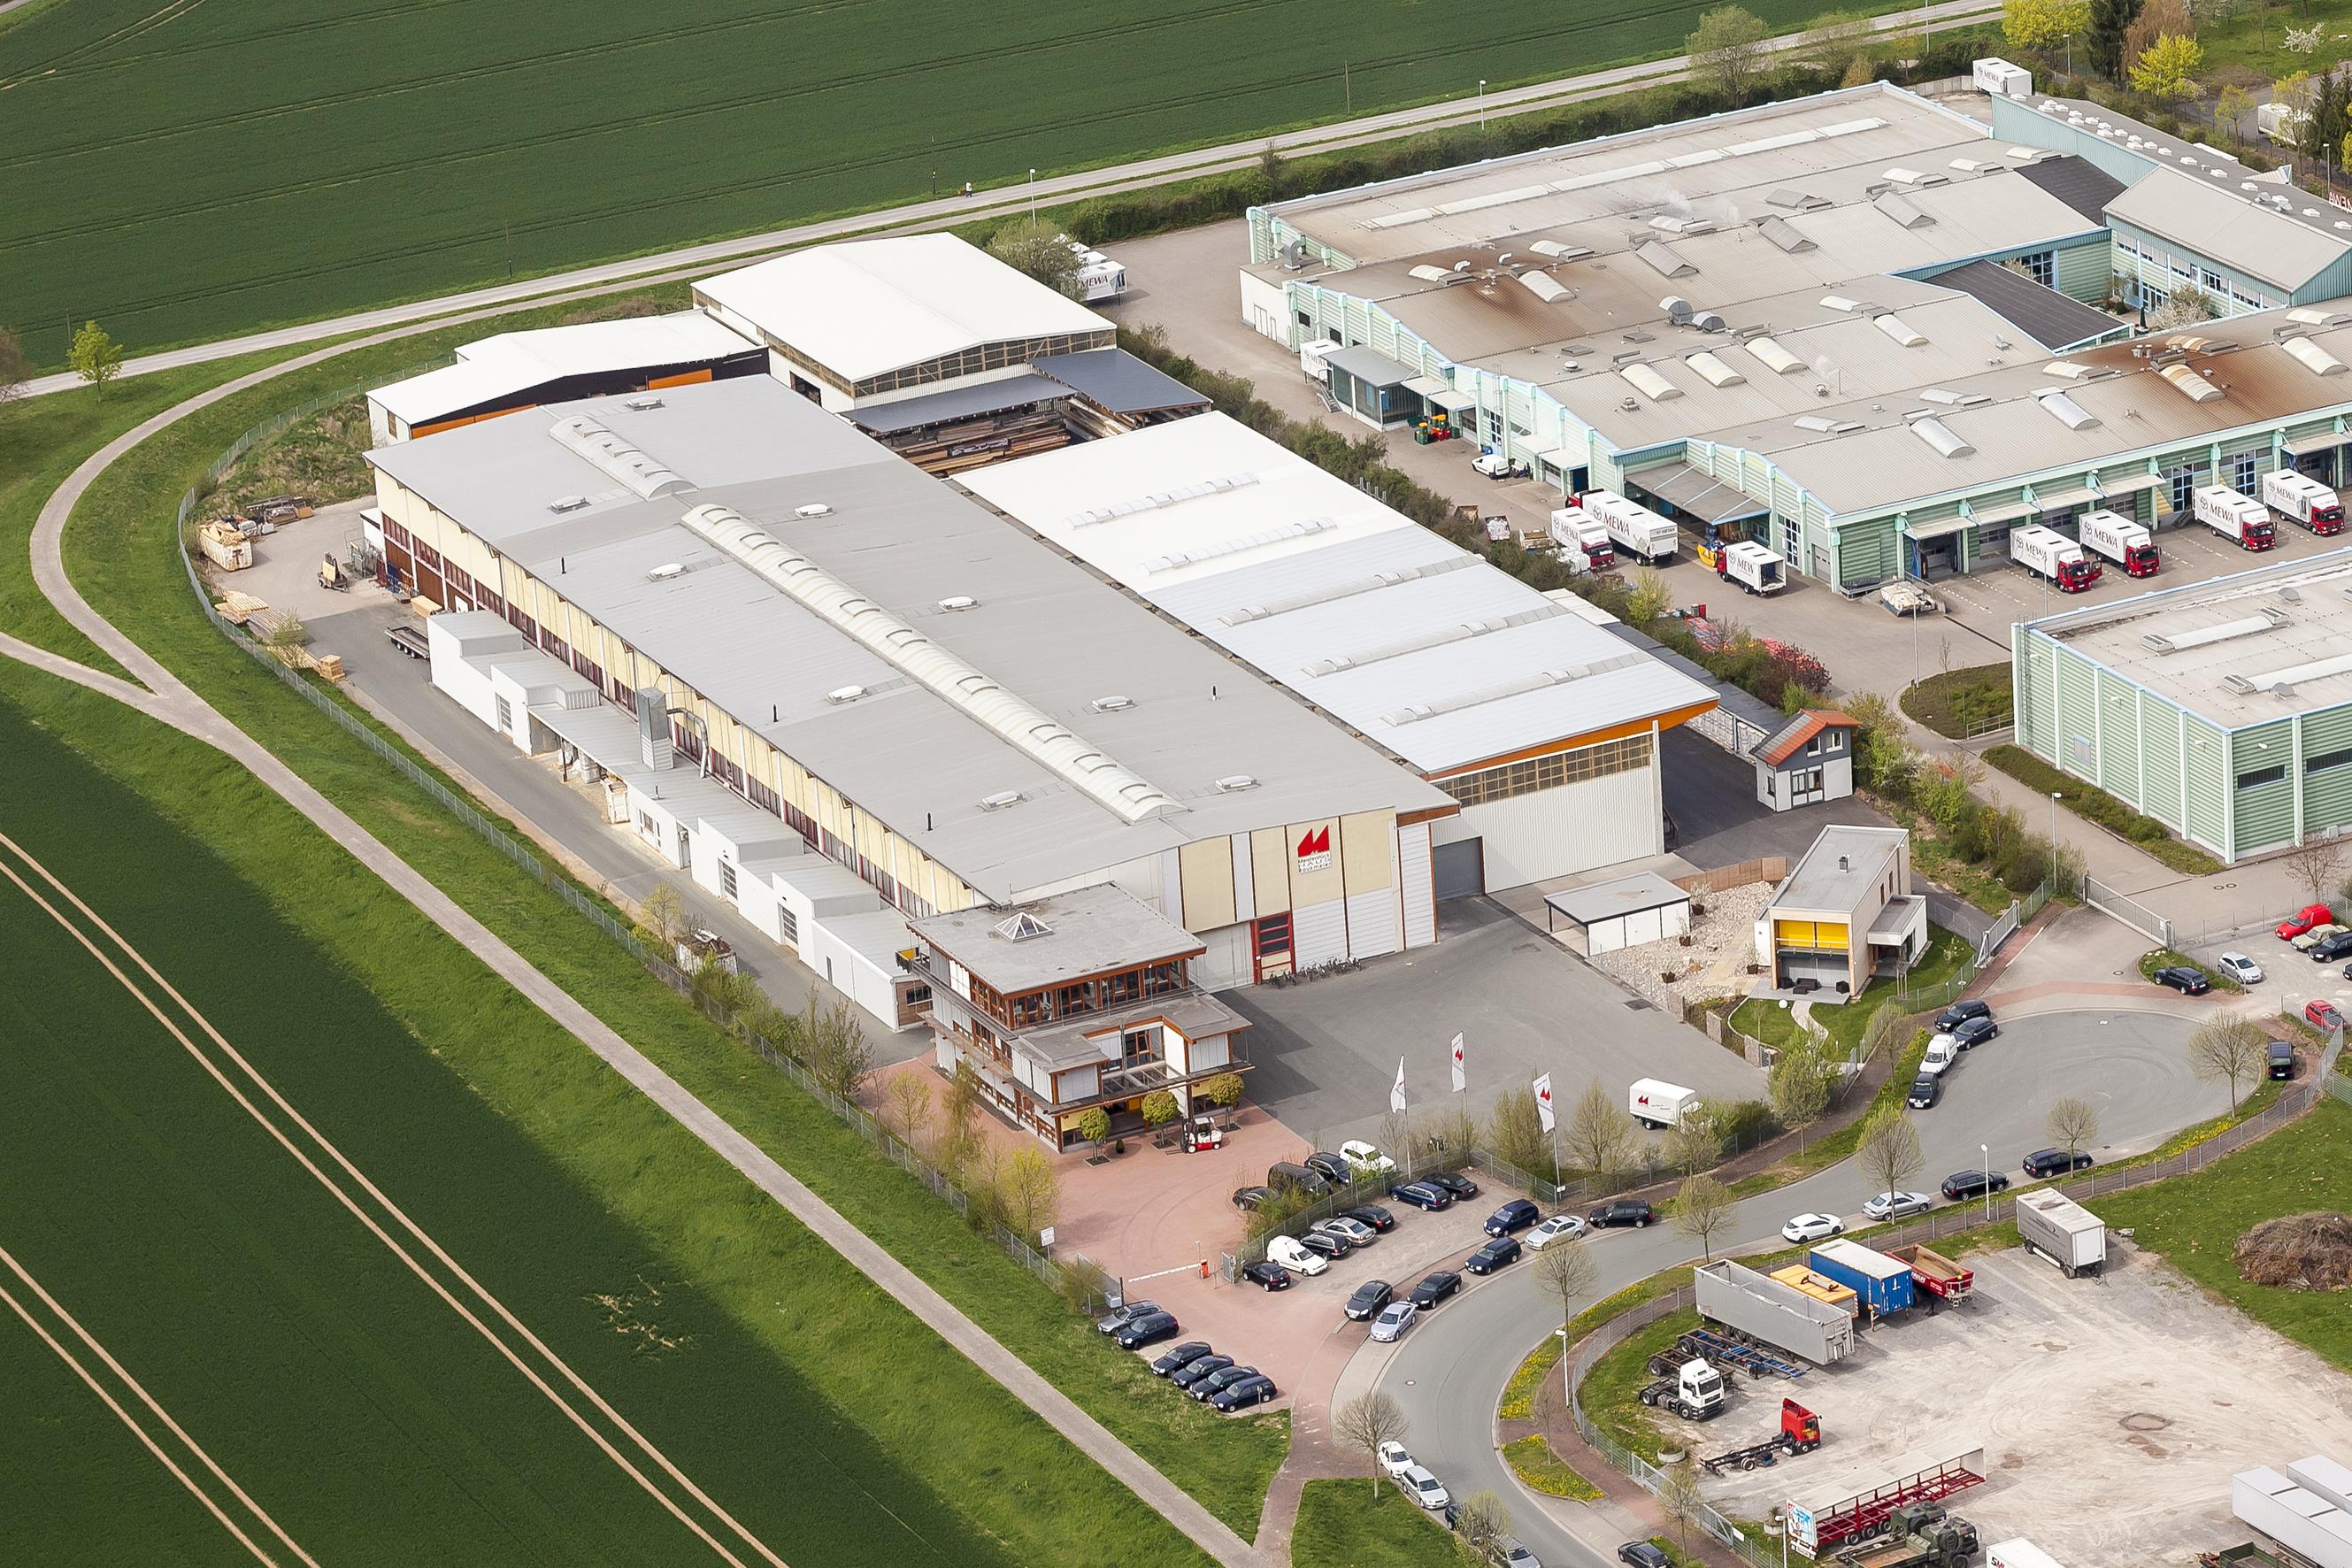 Die Realisierung energieeffizienter und nachhaltiger Architektur in Holz im Mittelpunkt des Unternehmens. Regelmäßige Investitionen in Hallen und High-Tech-Maschinen sichern den hohen Produktionsstandard.